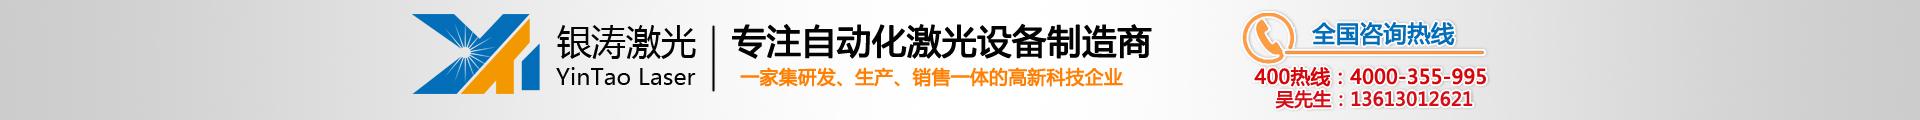 深圳市银涛激光设备科技有限公司